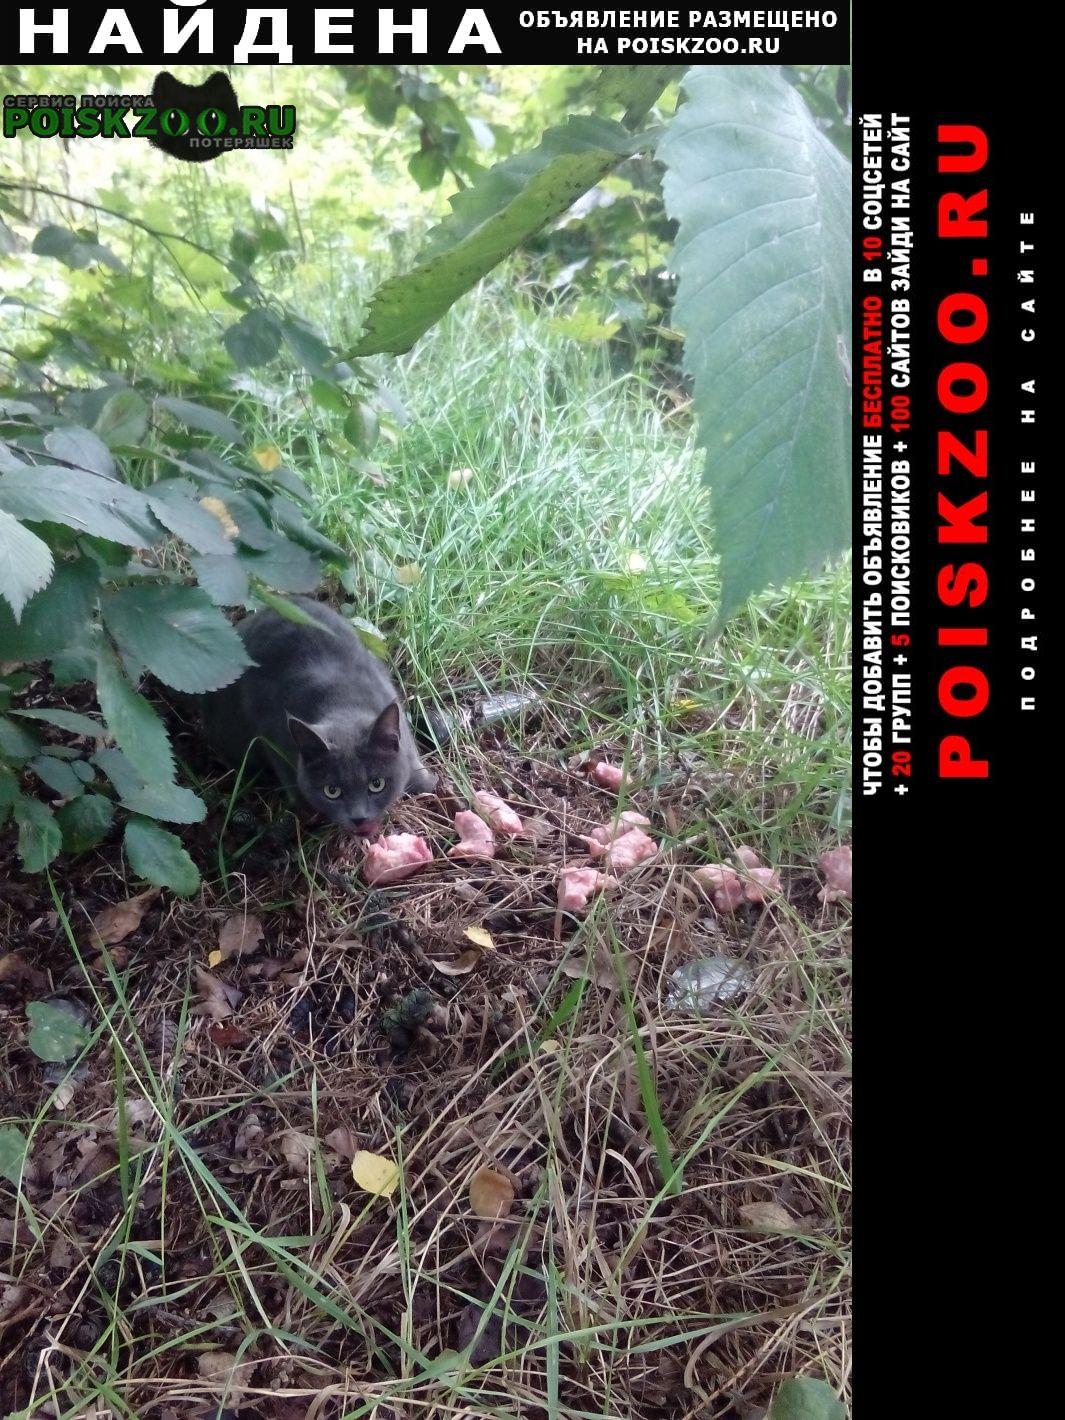 Найдена кошка серая Иваново